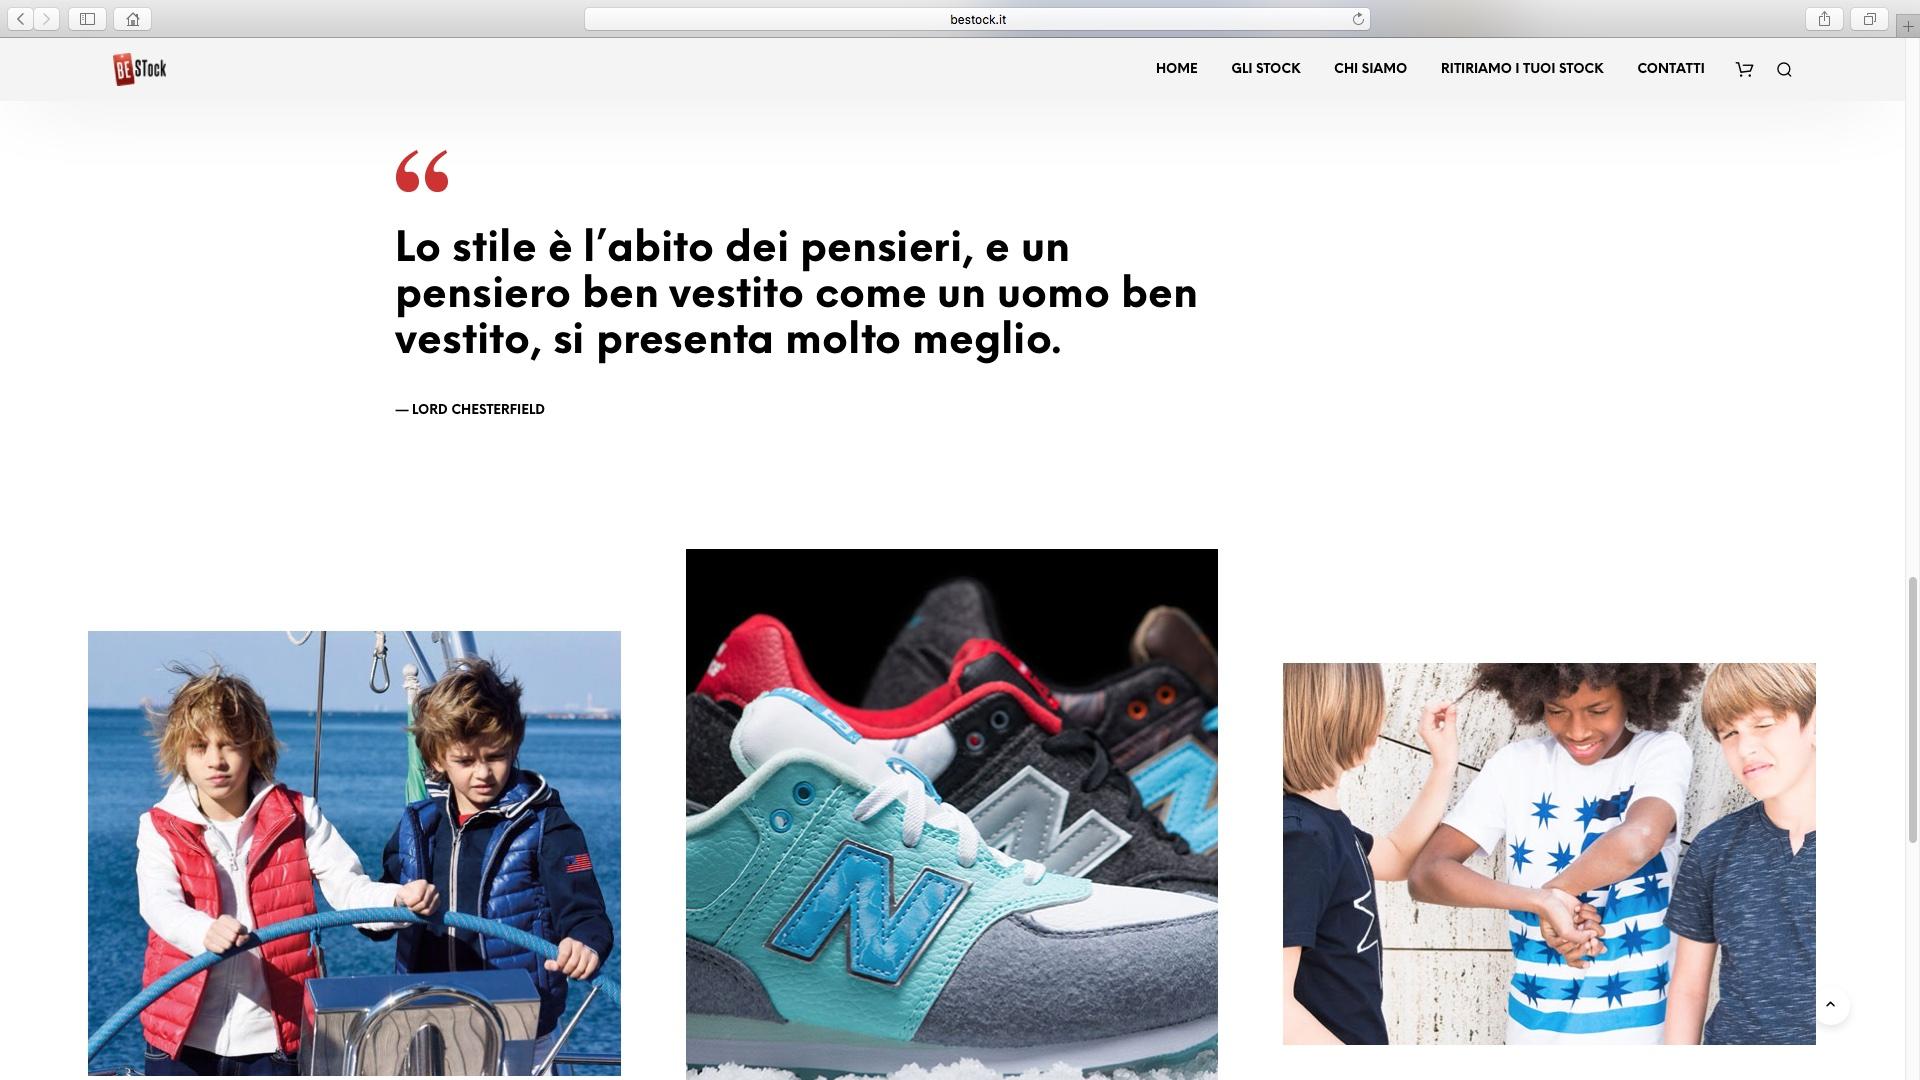 sito-web-brescia-catalogo-online-negozio-ecommerce-11